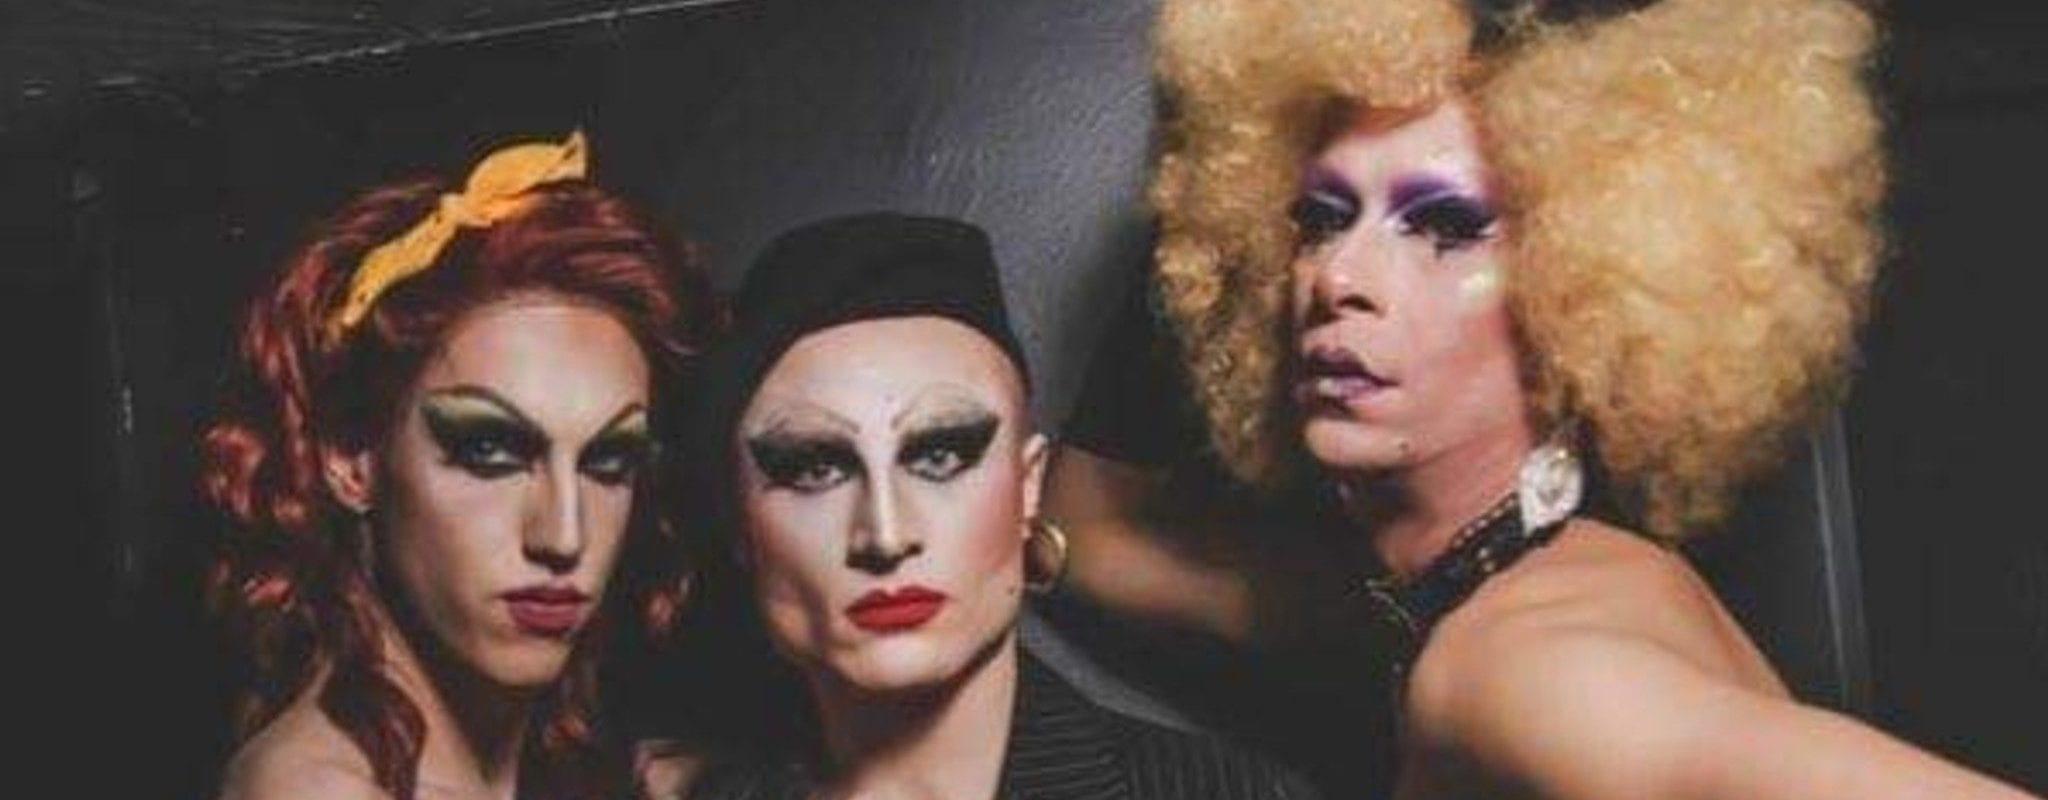 Les drag queens strasbourgeoises sortent de la nuit